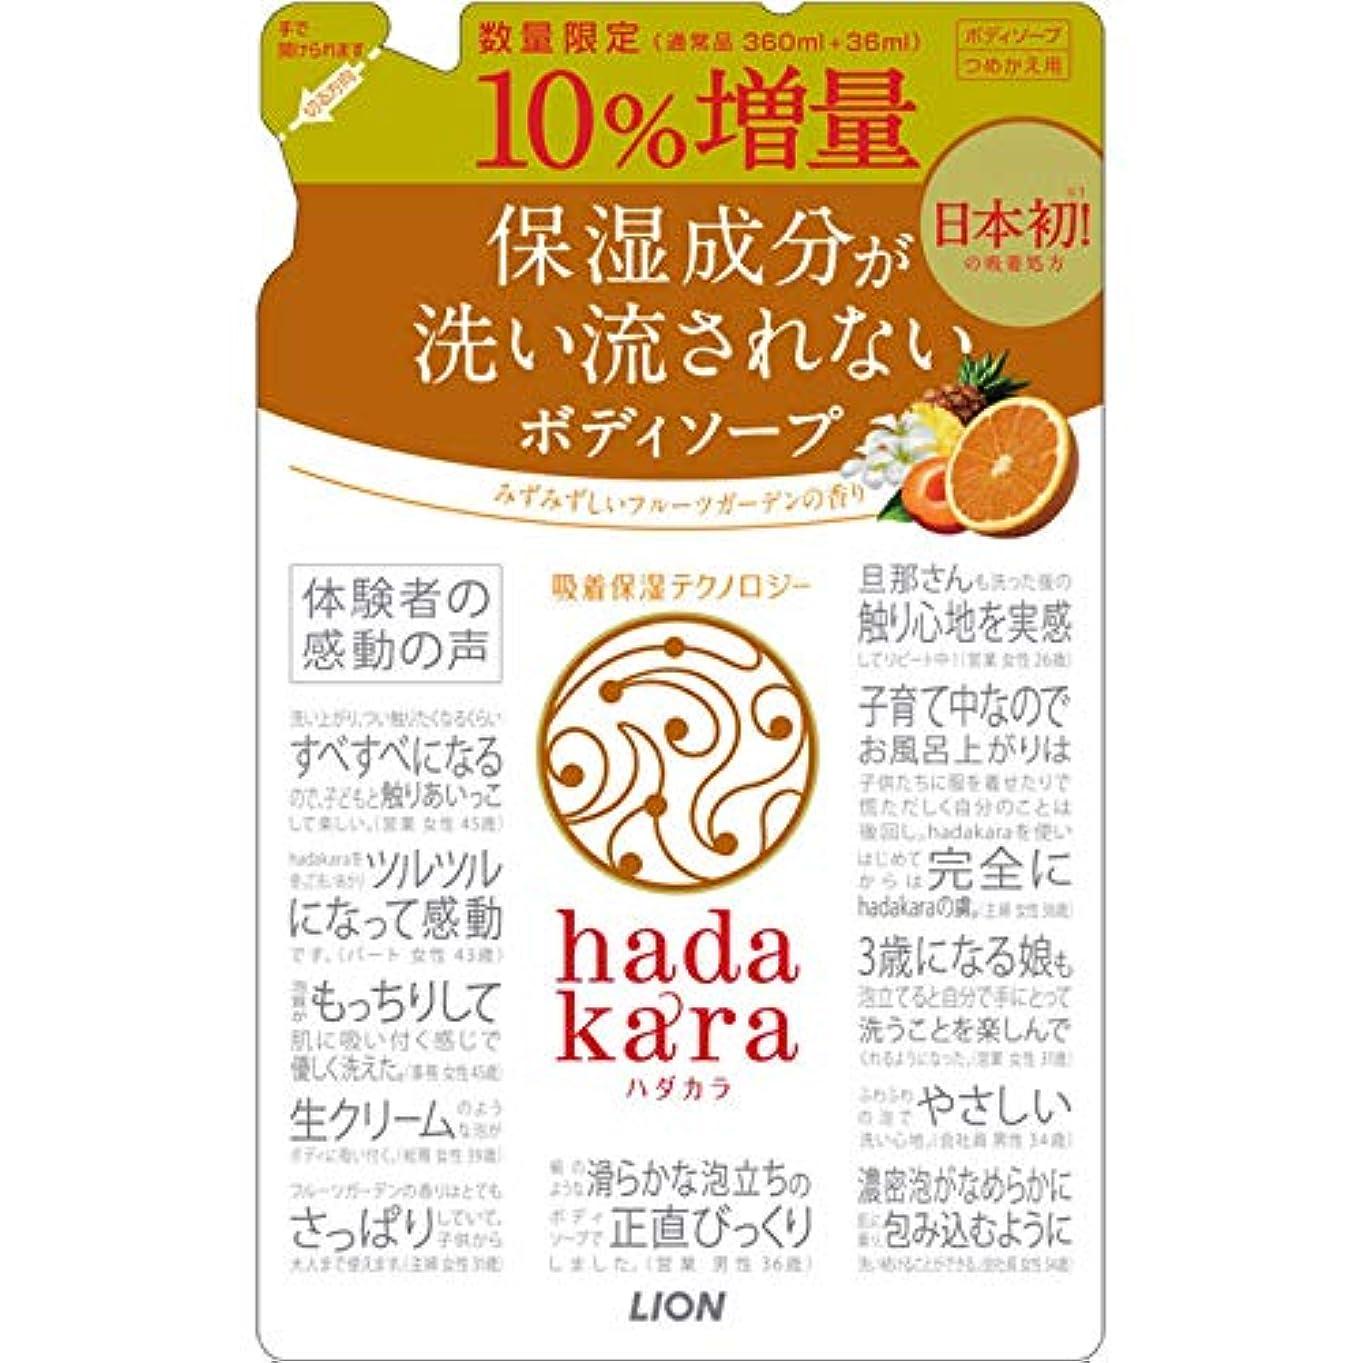 同僚政府居心地の良い【数量限定】hadakara(ハダカラ) ボディソープ フルーツガーデンの香り つめかえ用 10%増量 396ml